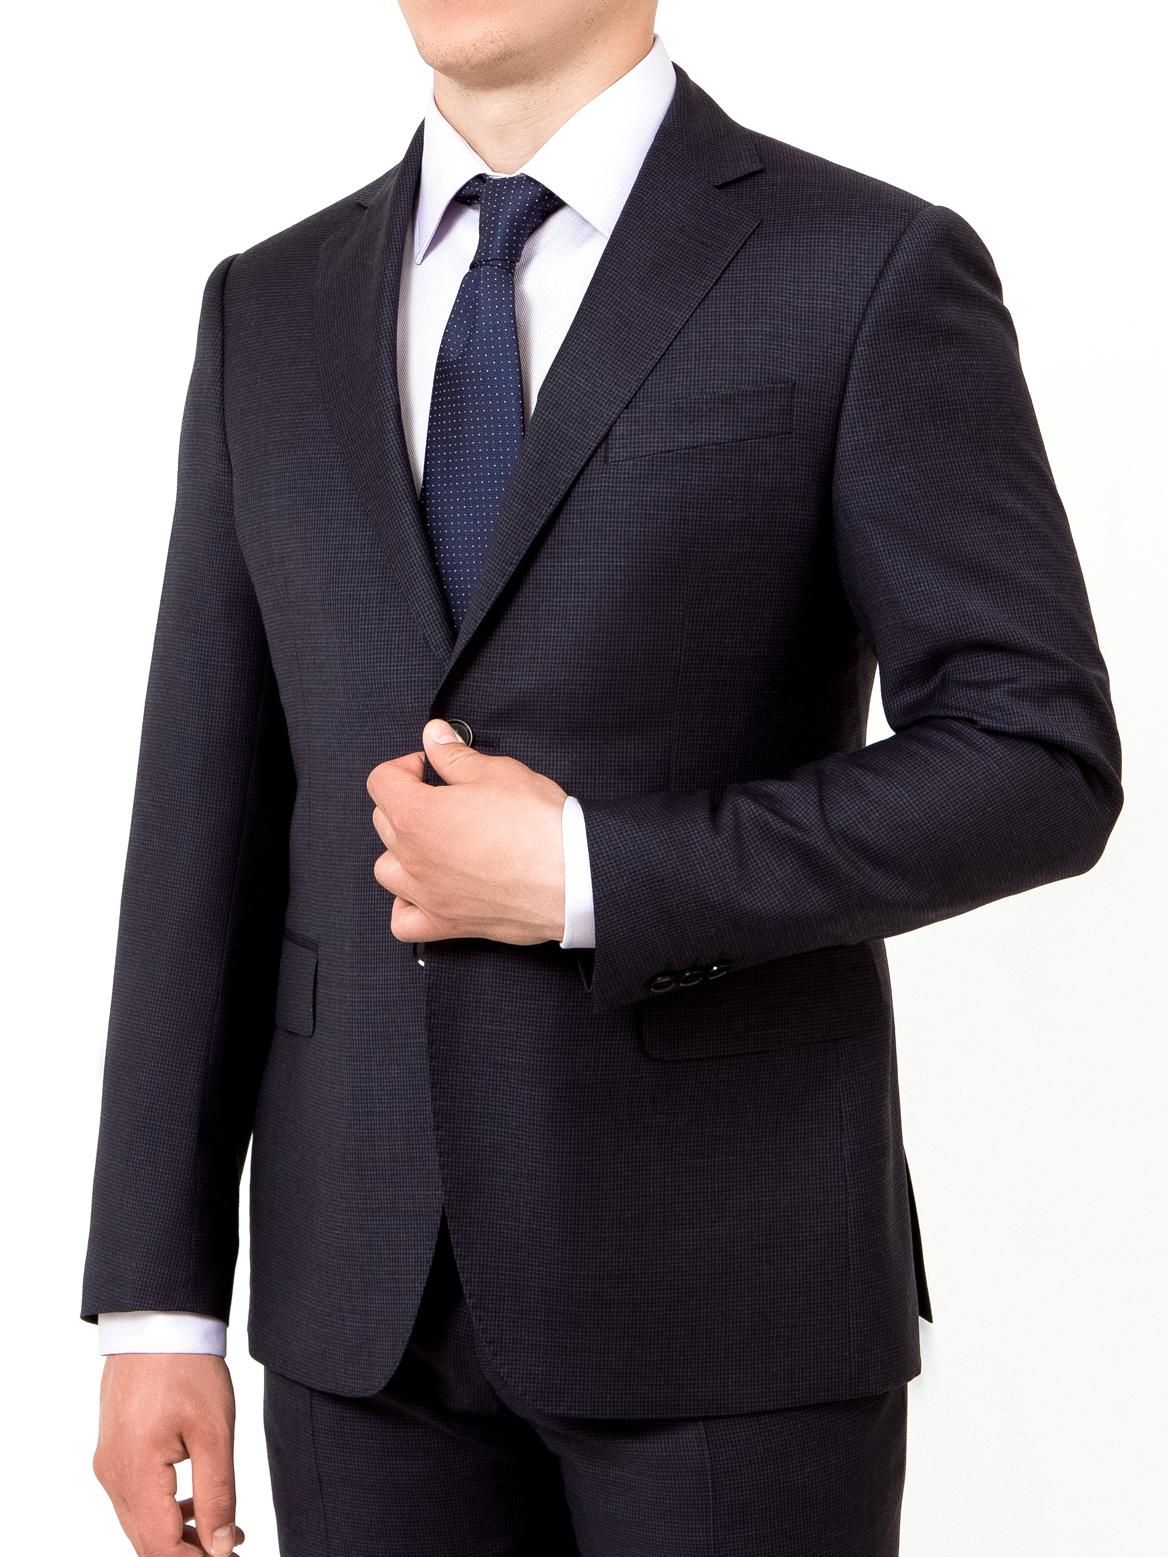 381b84a2f7b5633 Мужские костюмы со скидкой в Москве | Интернет-магазин мужской ...